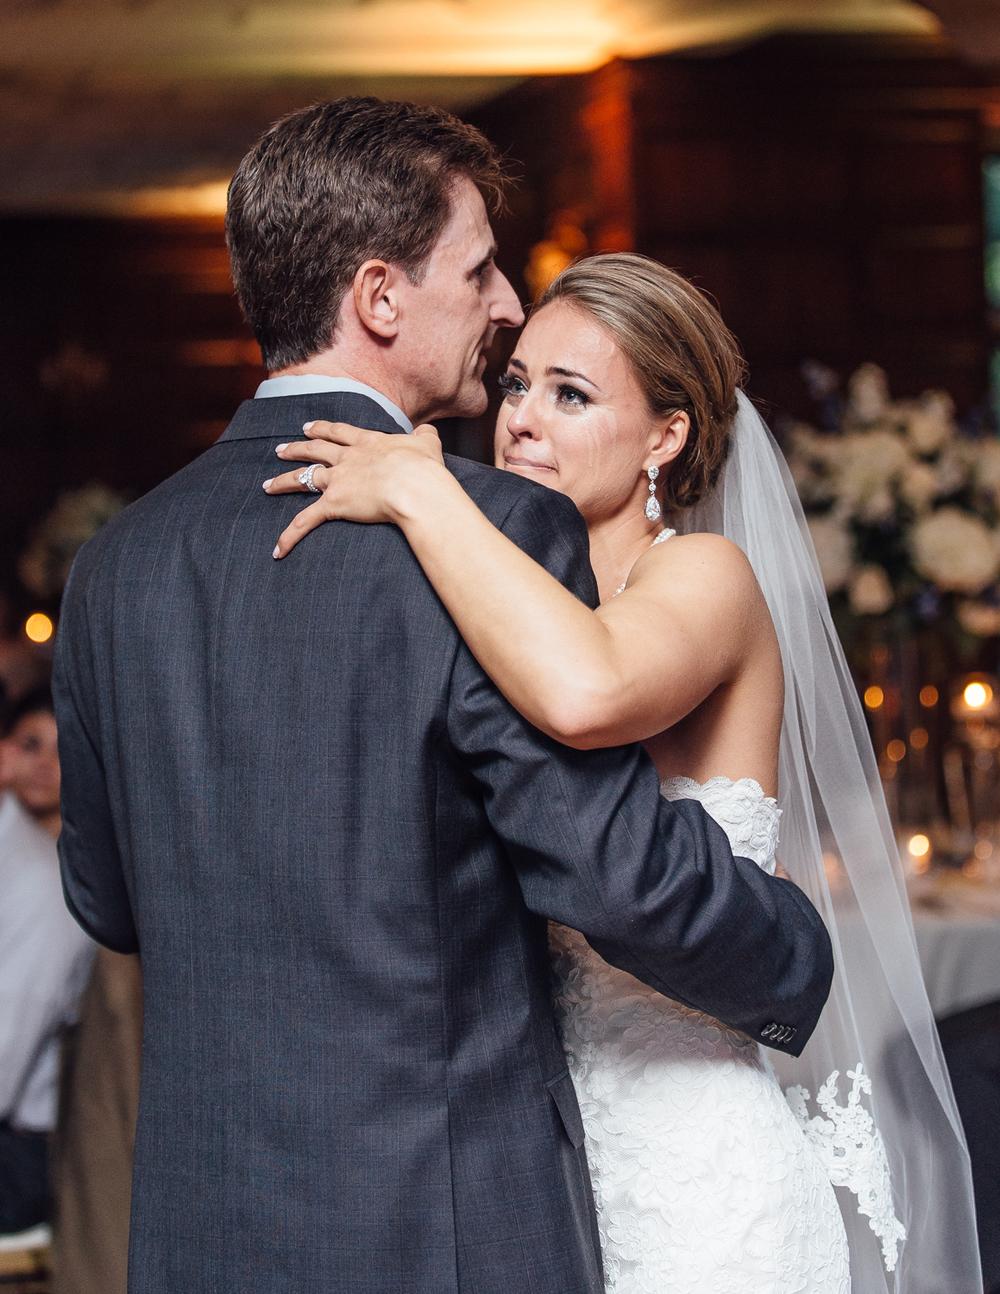 Allison_ZauchaPhotography_wedding_photography-173.jpg